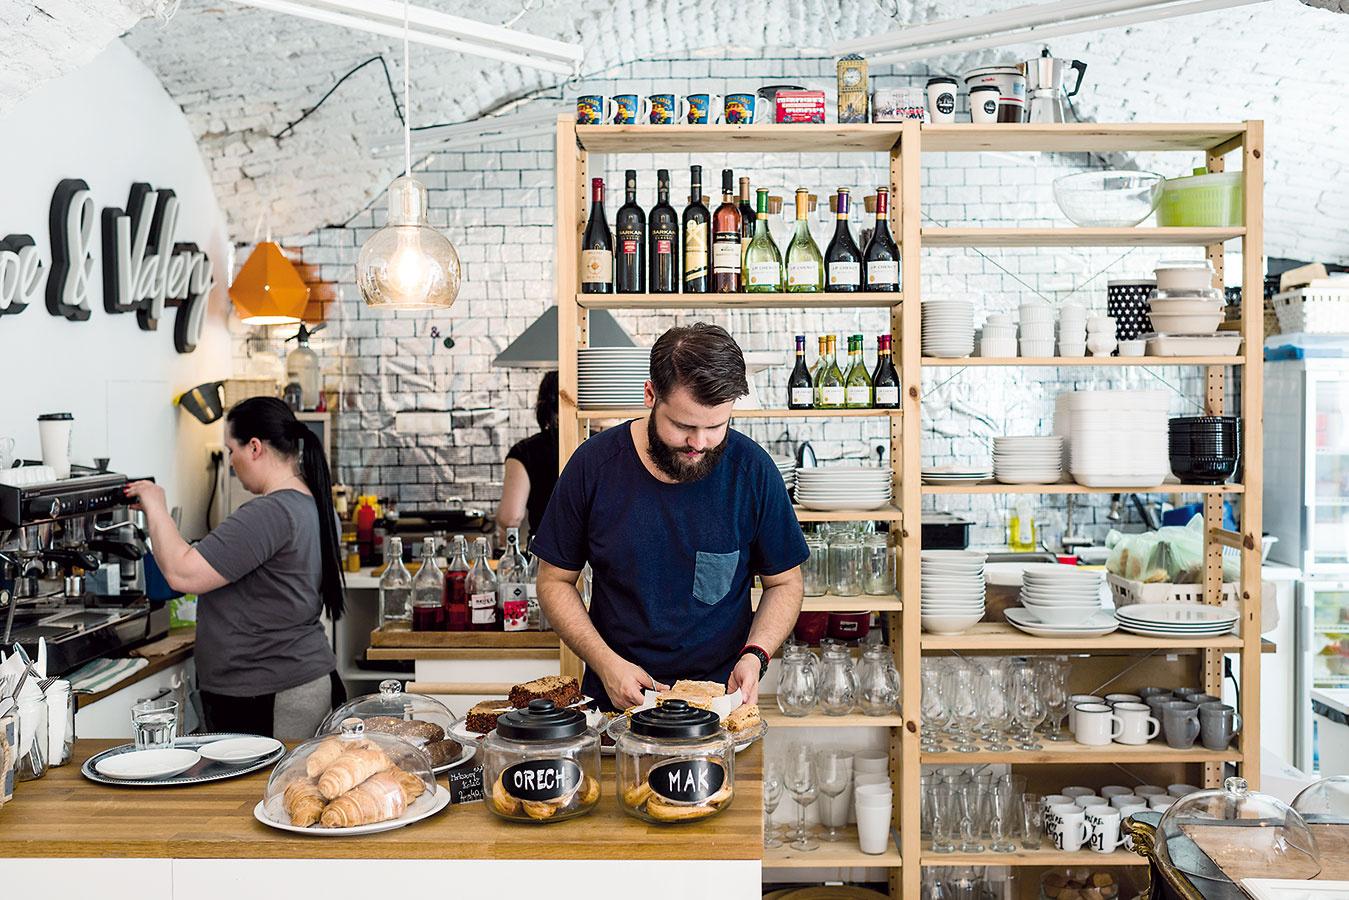 Kuchyňa je prepojená sbarom, ateda vsamom centre diania. Jednoduché drevené police tu poslúžia na uloženie pohárov, riadu aj ponúkaných nápojov azároveň kuchyňu čiastočne opticky oddelia od baru.